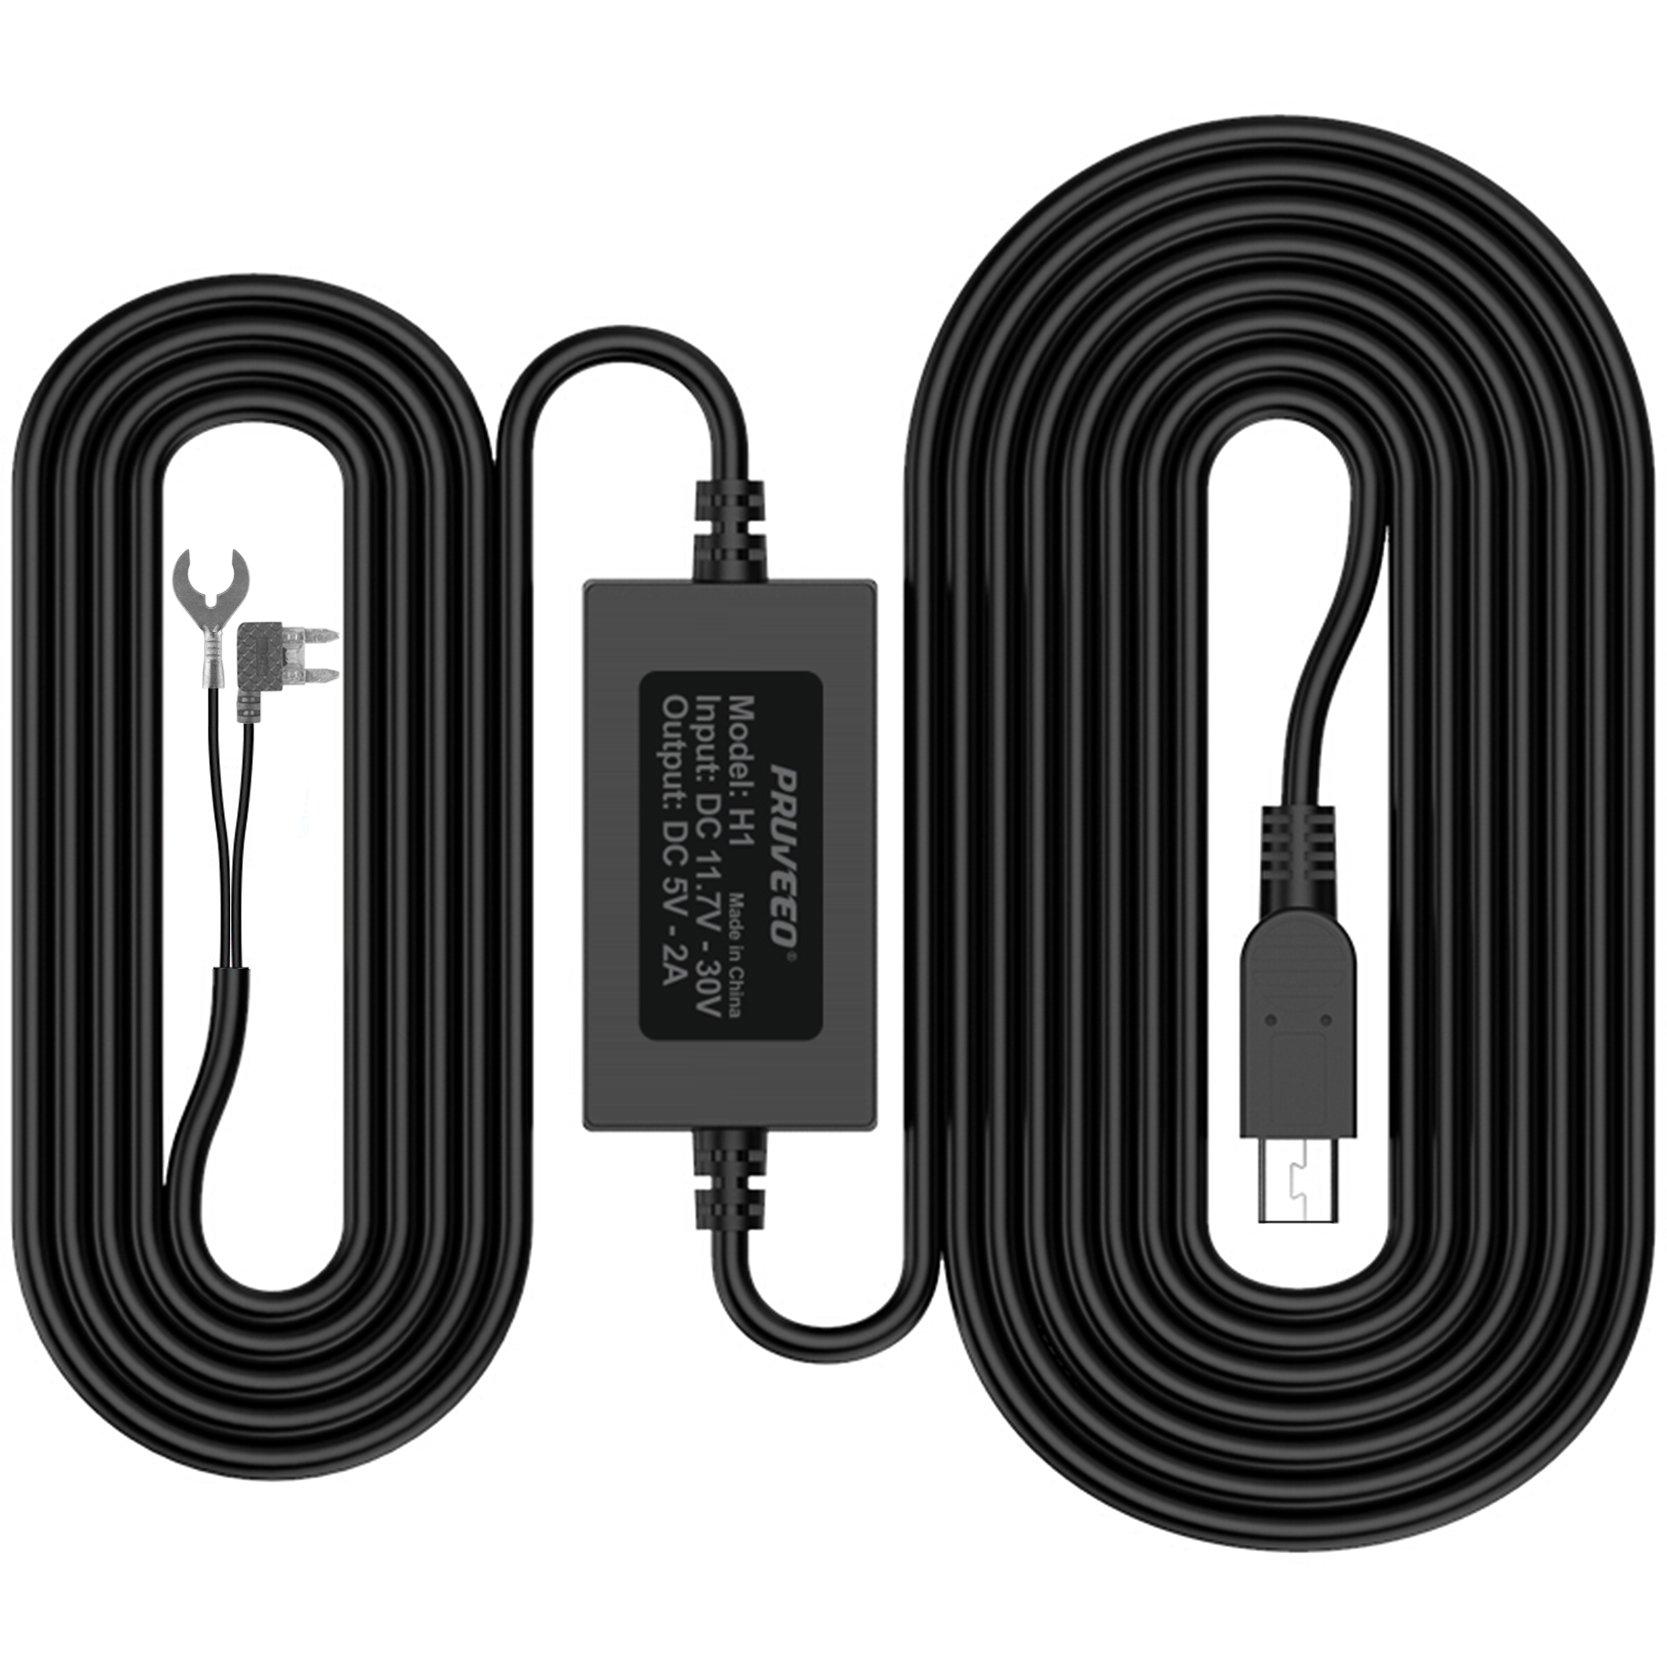 Pruveeo Hard Wire Kit for Dash Cam, Mini USB Port, 12V to 5V, DC 12V ...